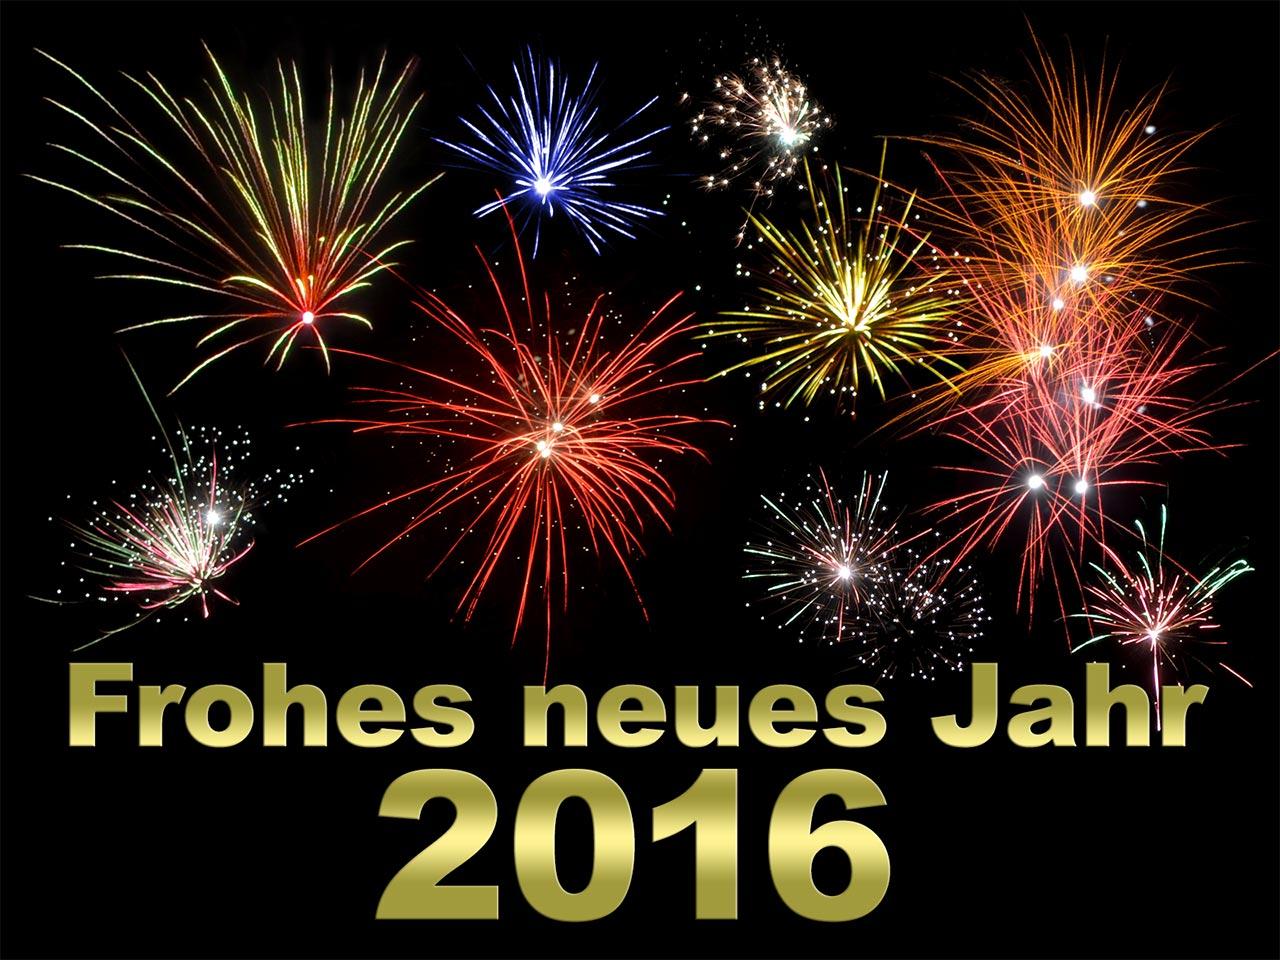 Beste Wünsche zum neuen Jahr   Frankenbengel - Das ultimative Party ...